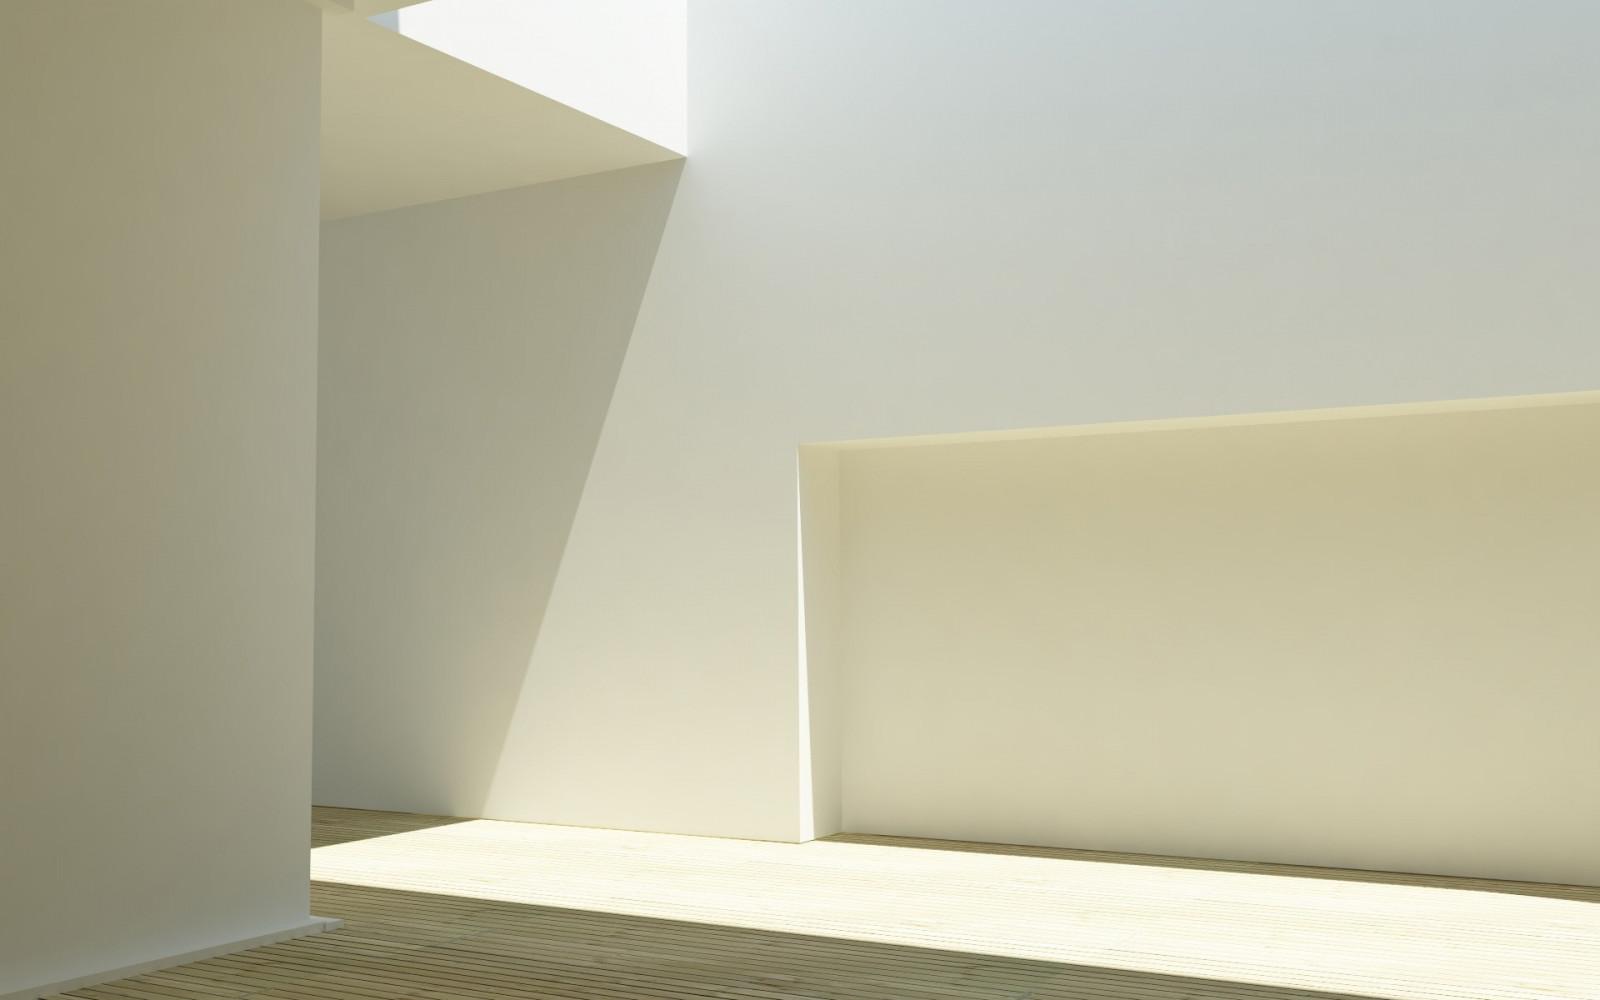 Fond D Cran Lumi Re Du Soleil Blanc Minimalisme Chambre Mur  # Image Meubles En Platre